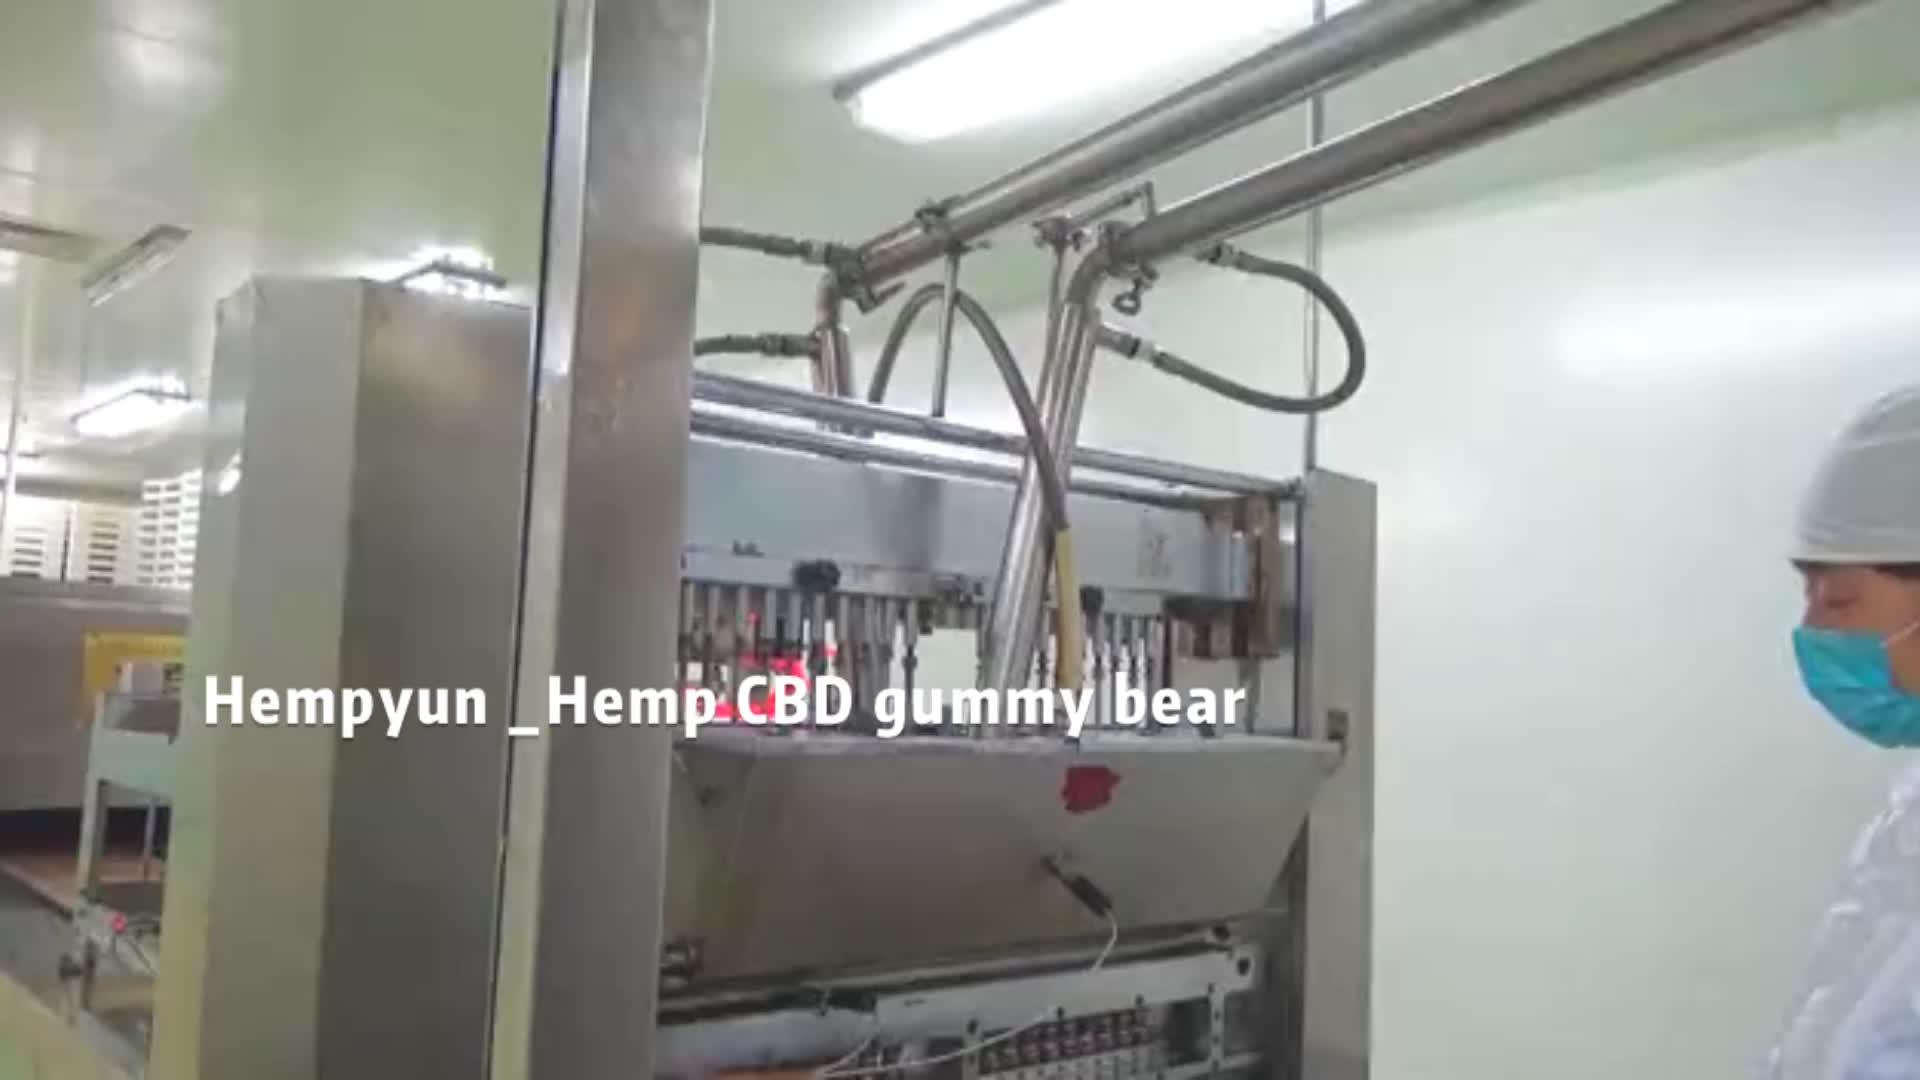 100% Alami & Aman Menghilangkan Rasa Sakit CBD Rami Gummies Premium Ekstrak Herbal Rasa Sakit, Stres dan Kecemasan Relief